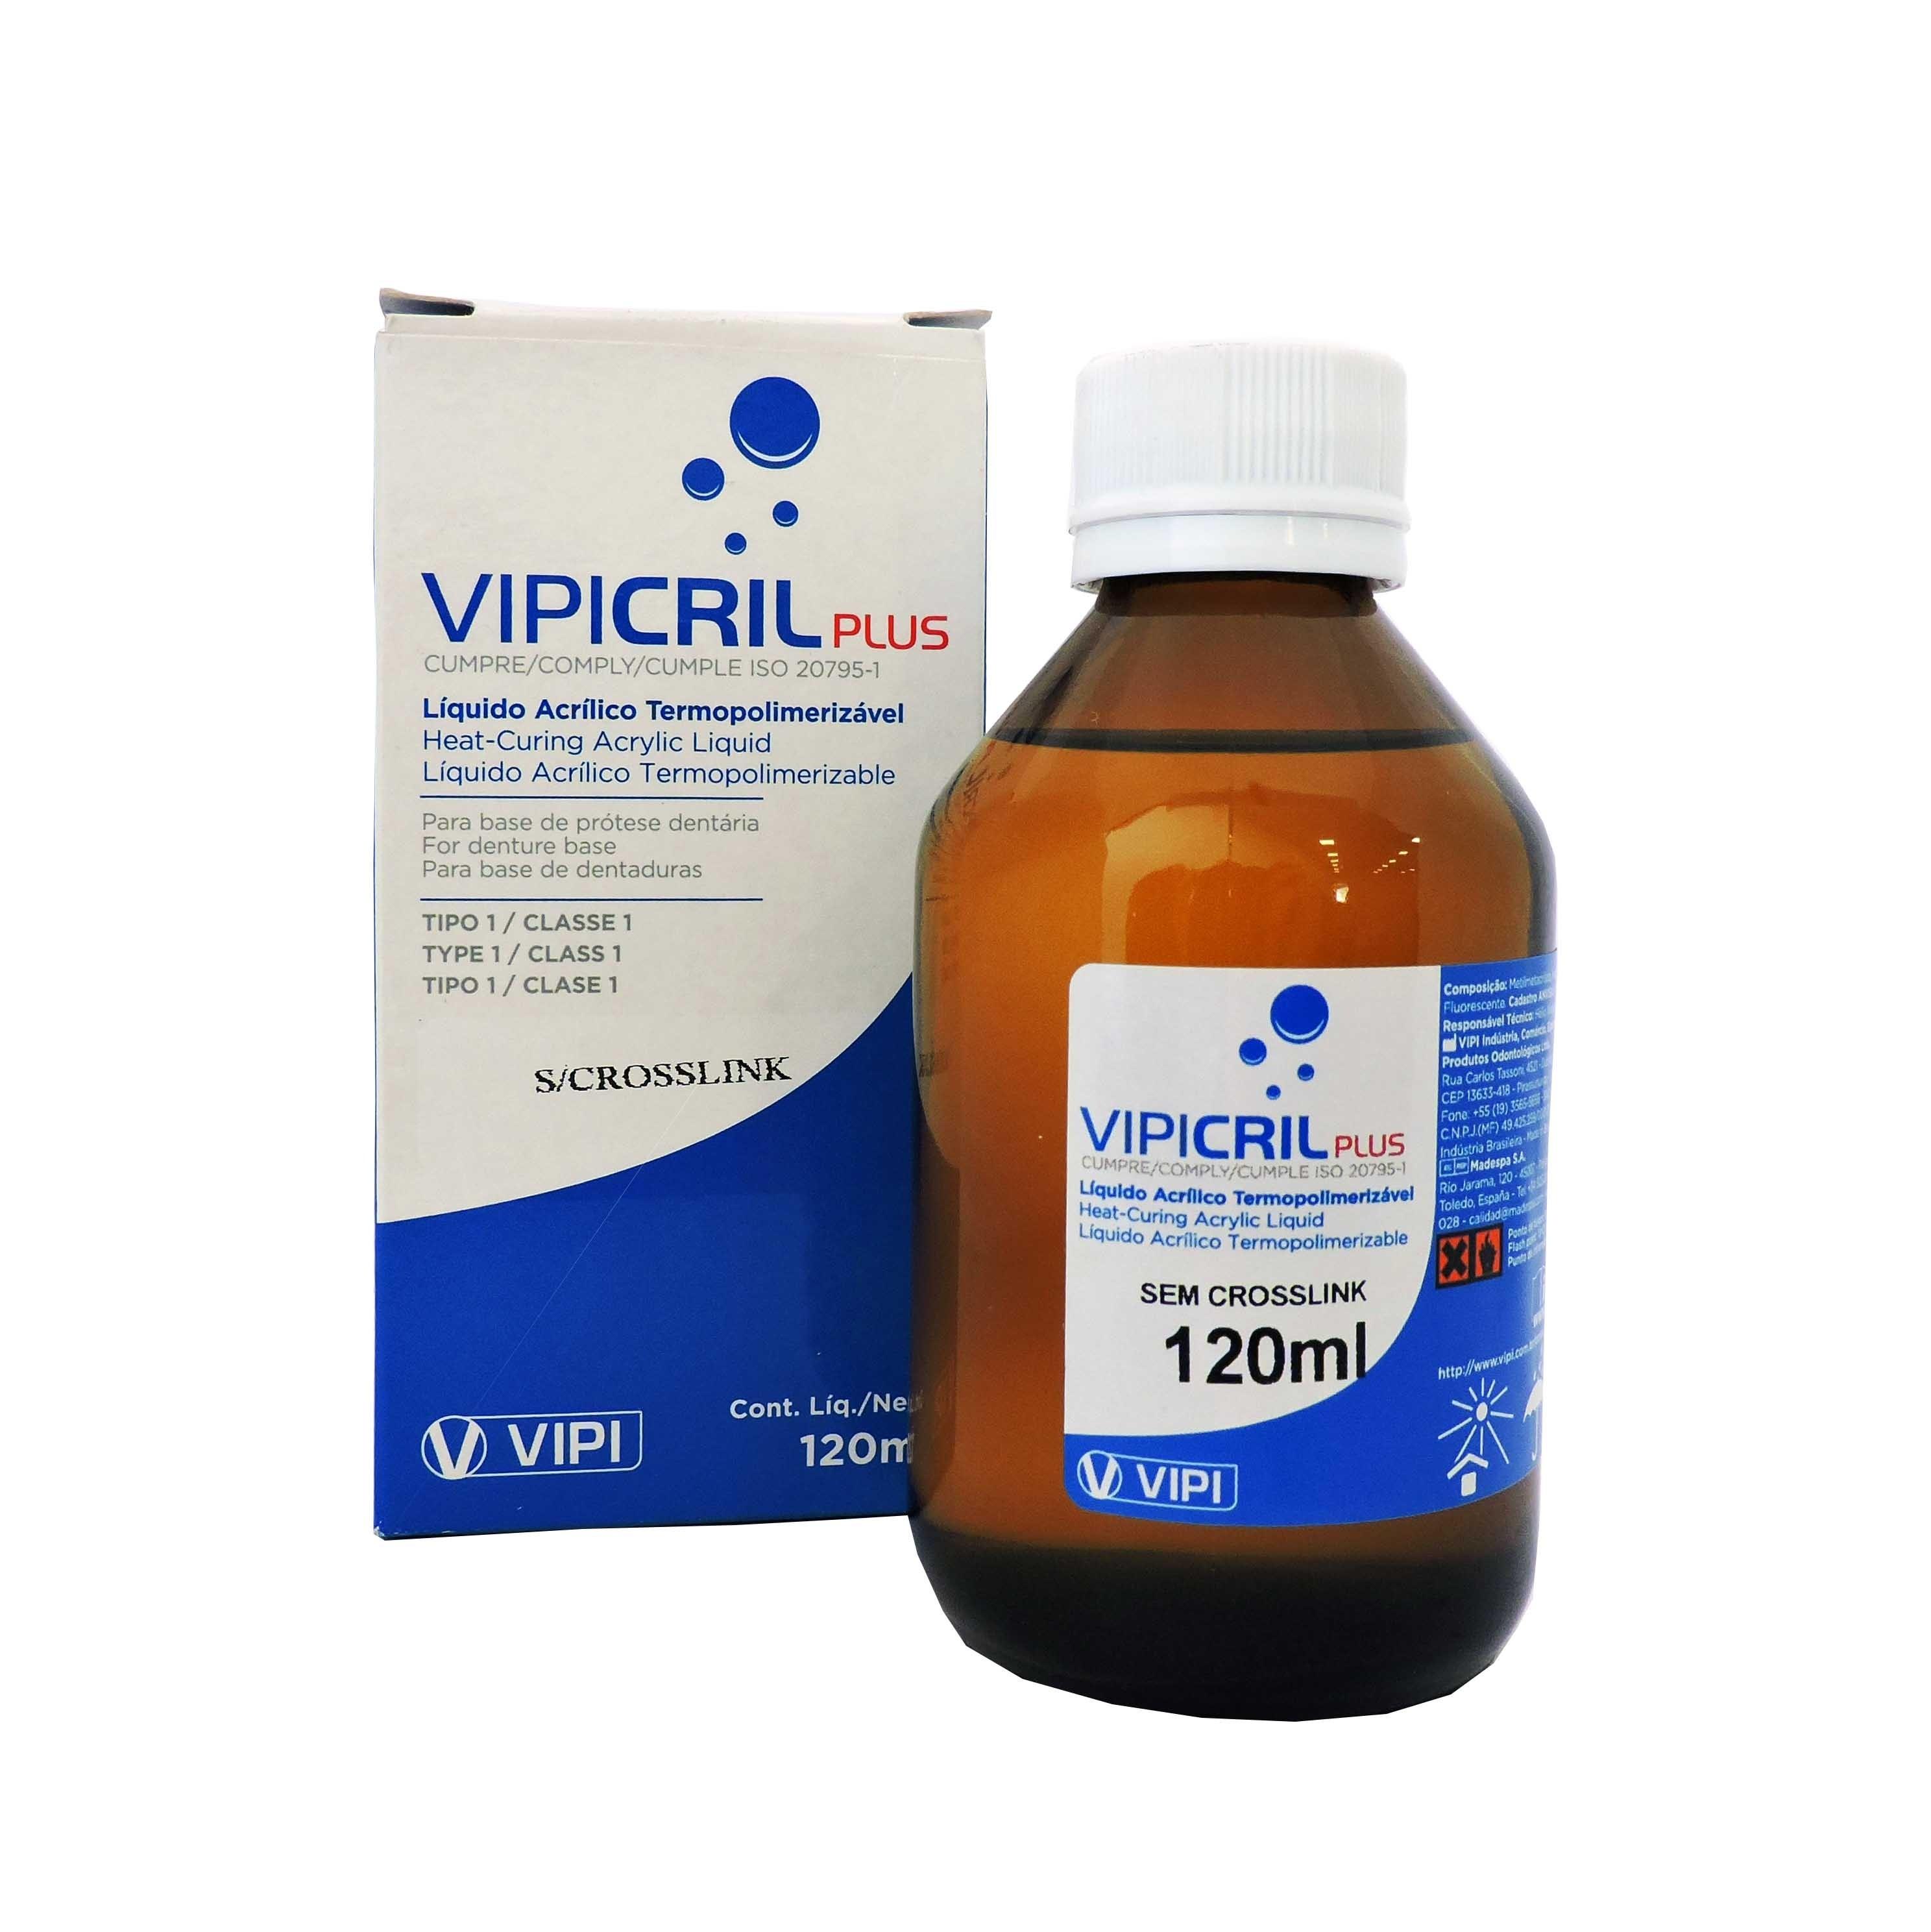 Resina Acrílica Termopolimerizável Vipi Cril Plus Sem Crosslink 120ml - resina de lenta